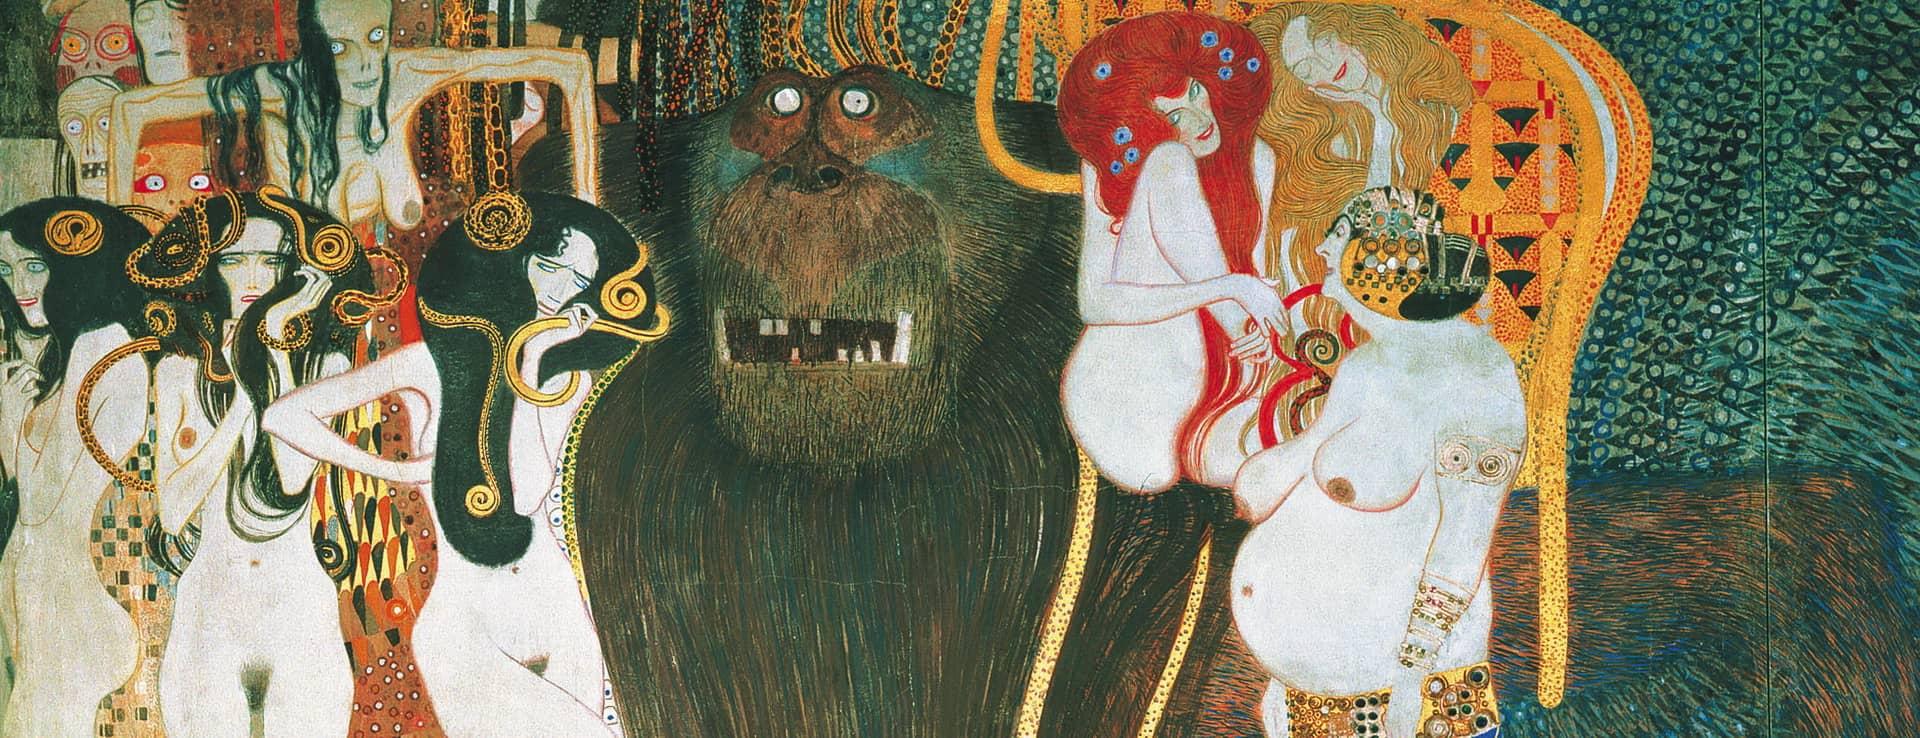 Beethovenfries - Gustav Klimt på Secession i Wien Österrike